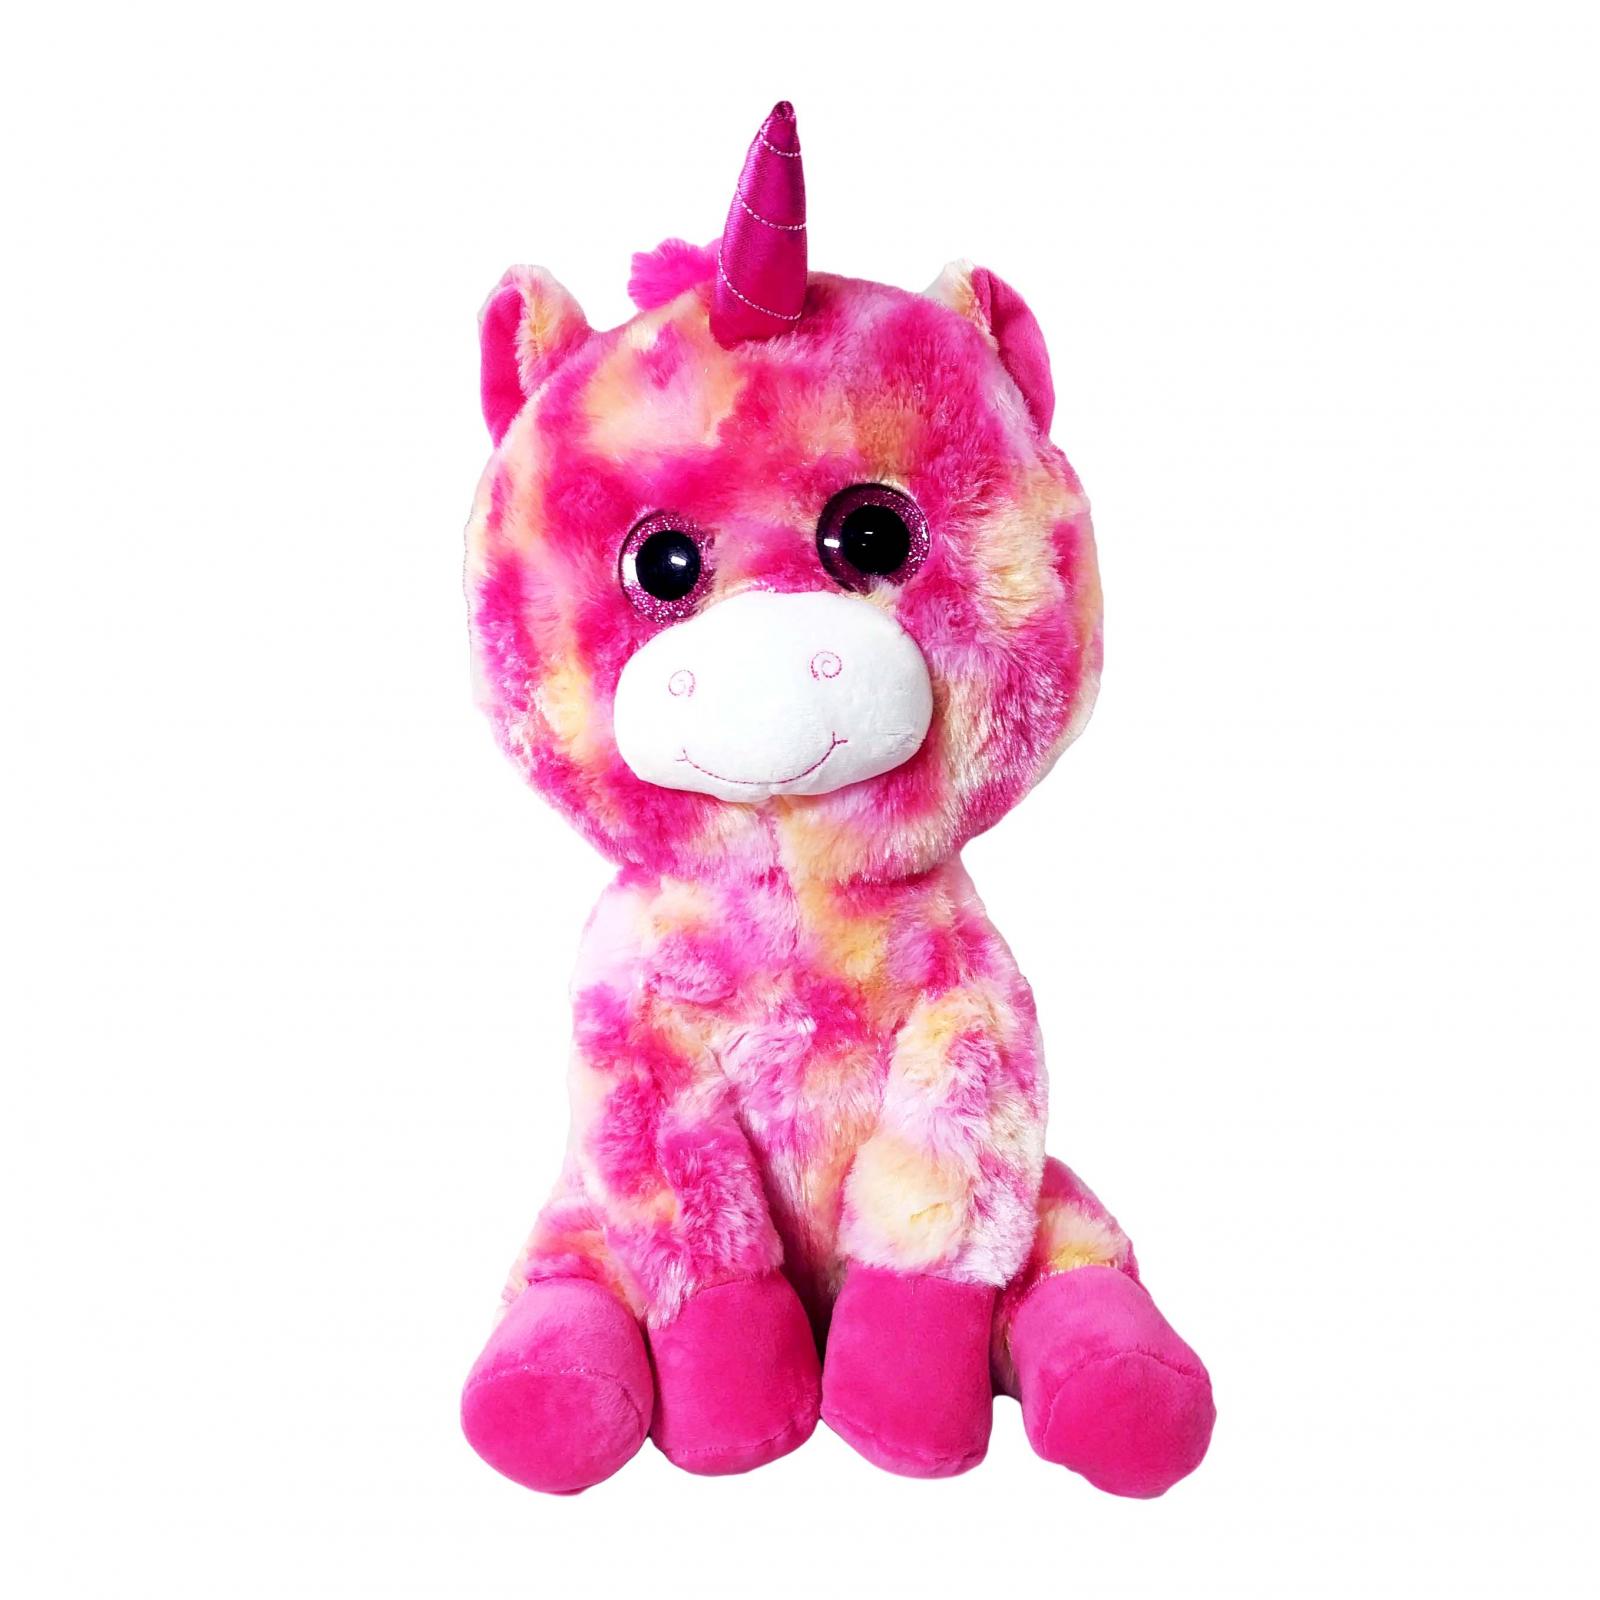 TychoTyke Bright Pink Soft Plush Stuffed Unicorn Kids Toy